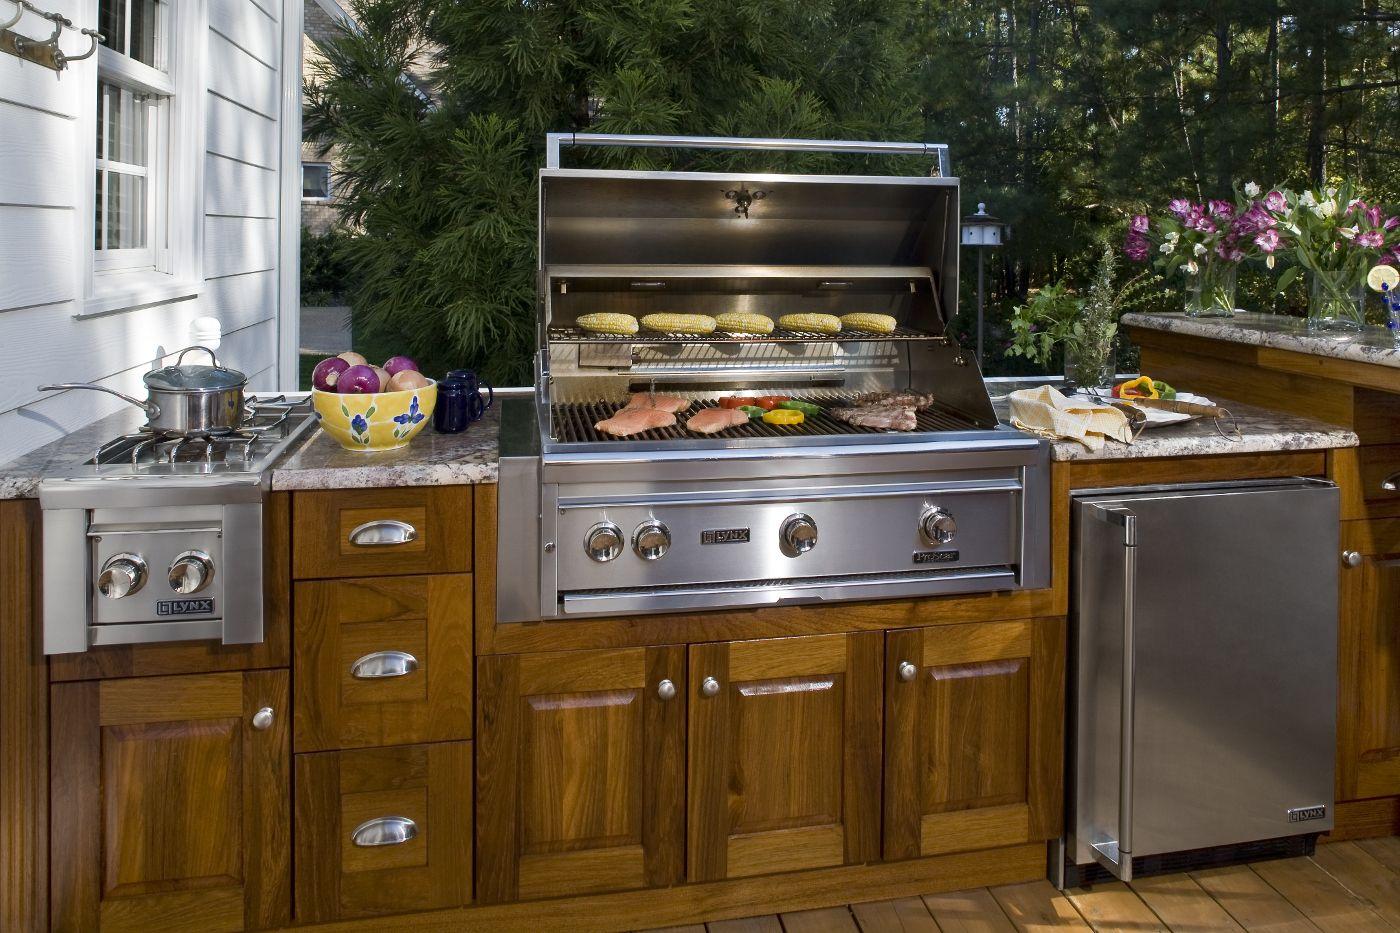 Atlantis Outdoor Kitchens Aok Outdoor Spaces Gallery Outdoor Kitchen Cabinets Outdoor Kitchen Outdoor Kitchen Appliances